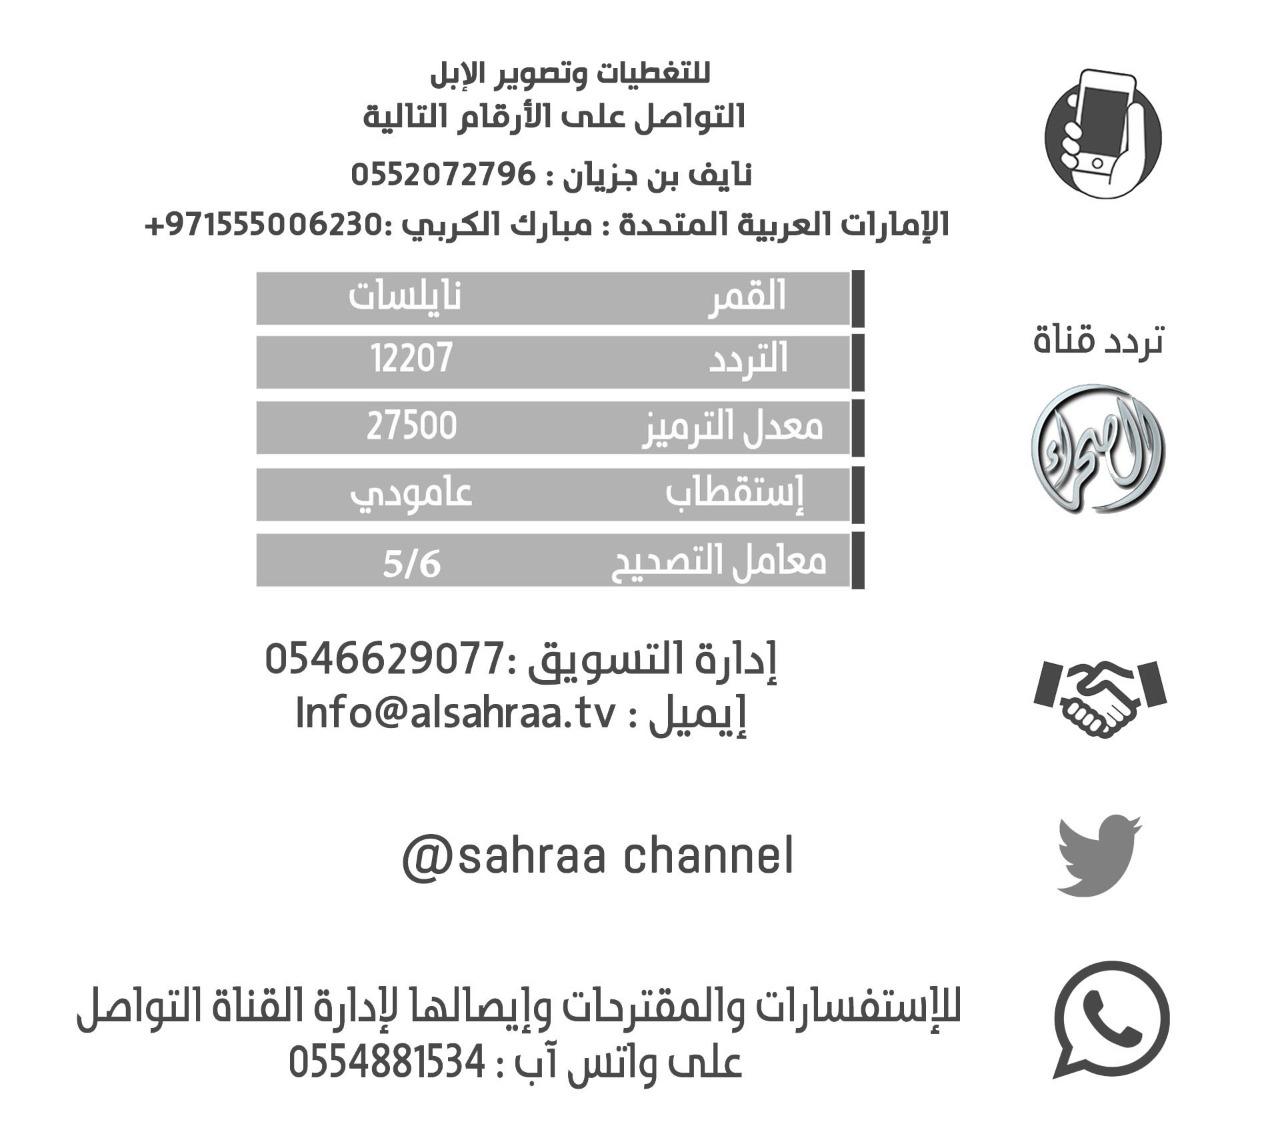 قناة الصحراء السعودية